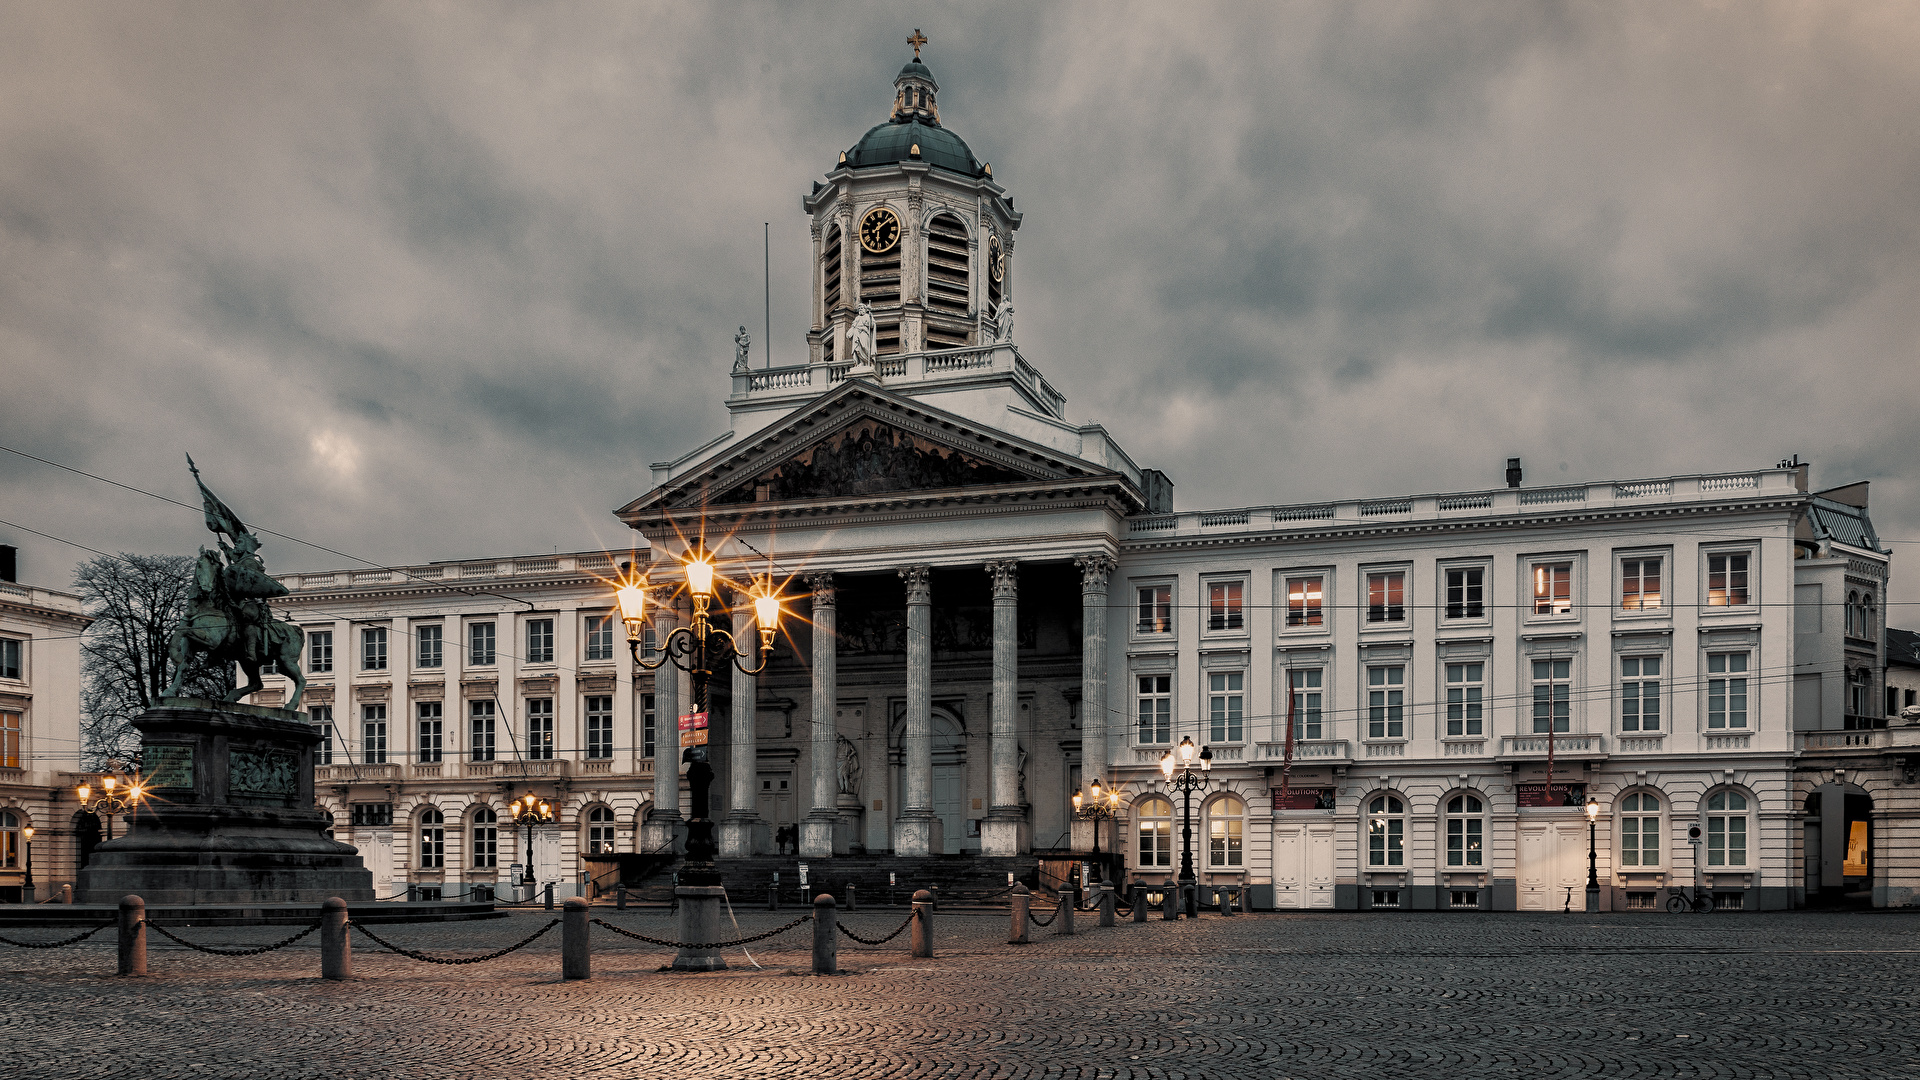 Картинки Бельгия Памятники городской площади Brussels Вечер Уличные фонари Дома Города 1920x1080 Городская площадь город Здания